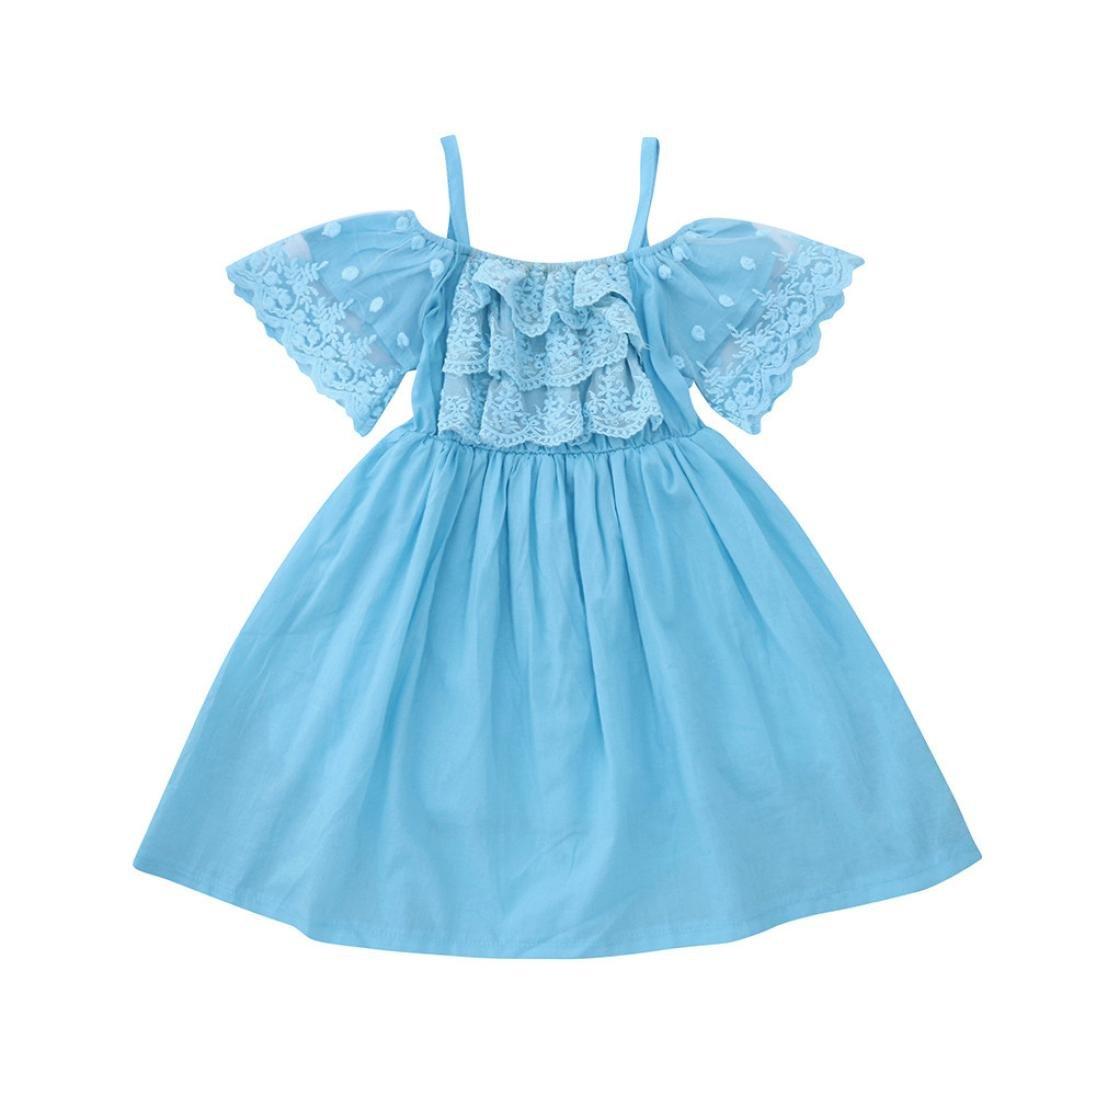 最高の品質の Lisin PANTS PANTS ベビーガールズ Size:3Years ブルー ブルー Size:3Years B07DBK8F4L, UNIT:dc7bbc4b --- a0267596.xsph.ru